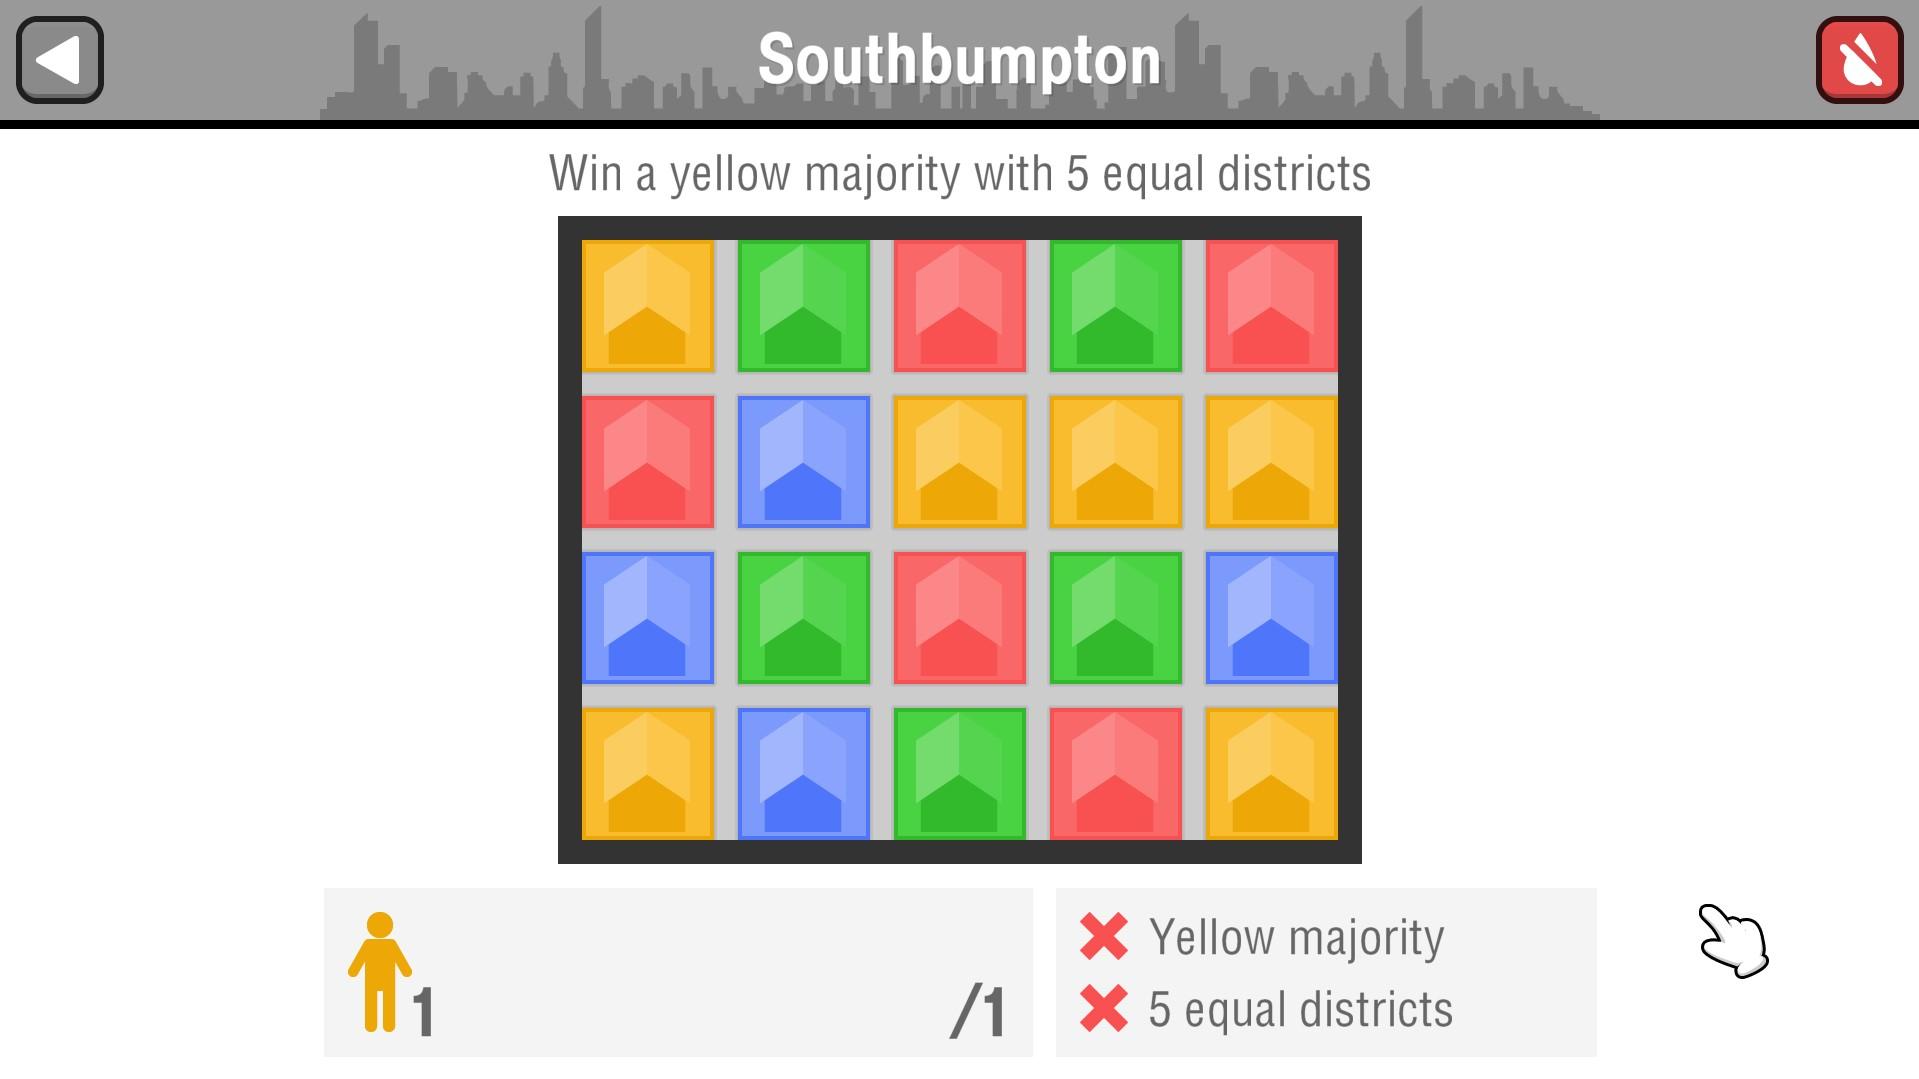 Southbumpton